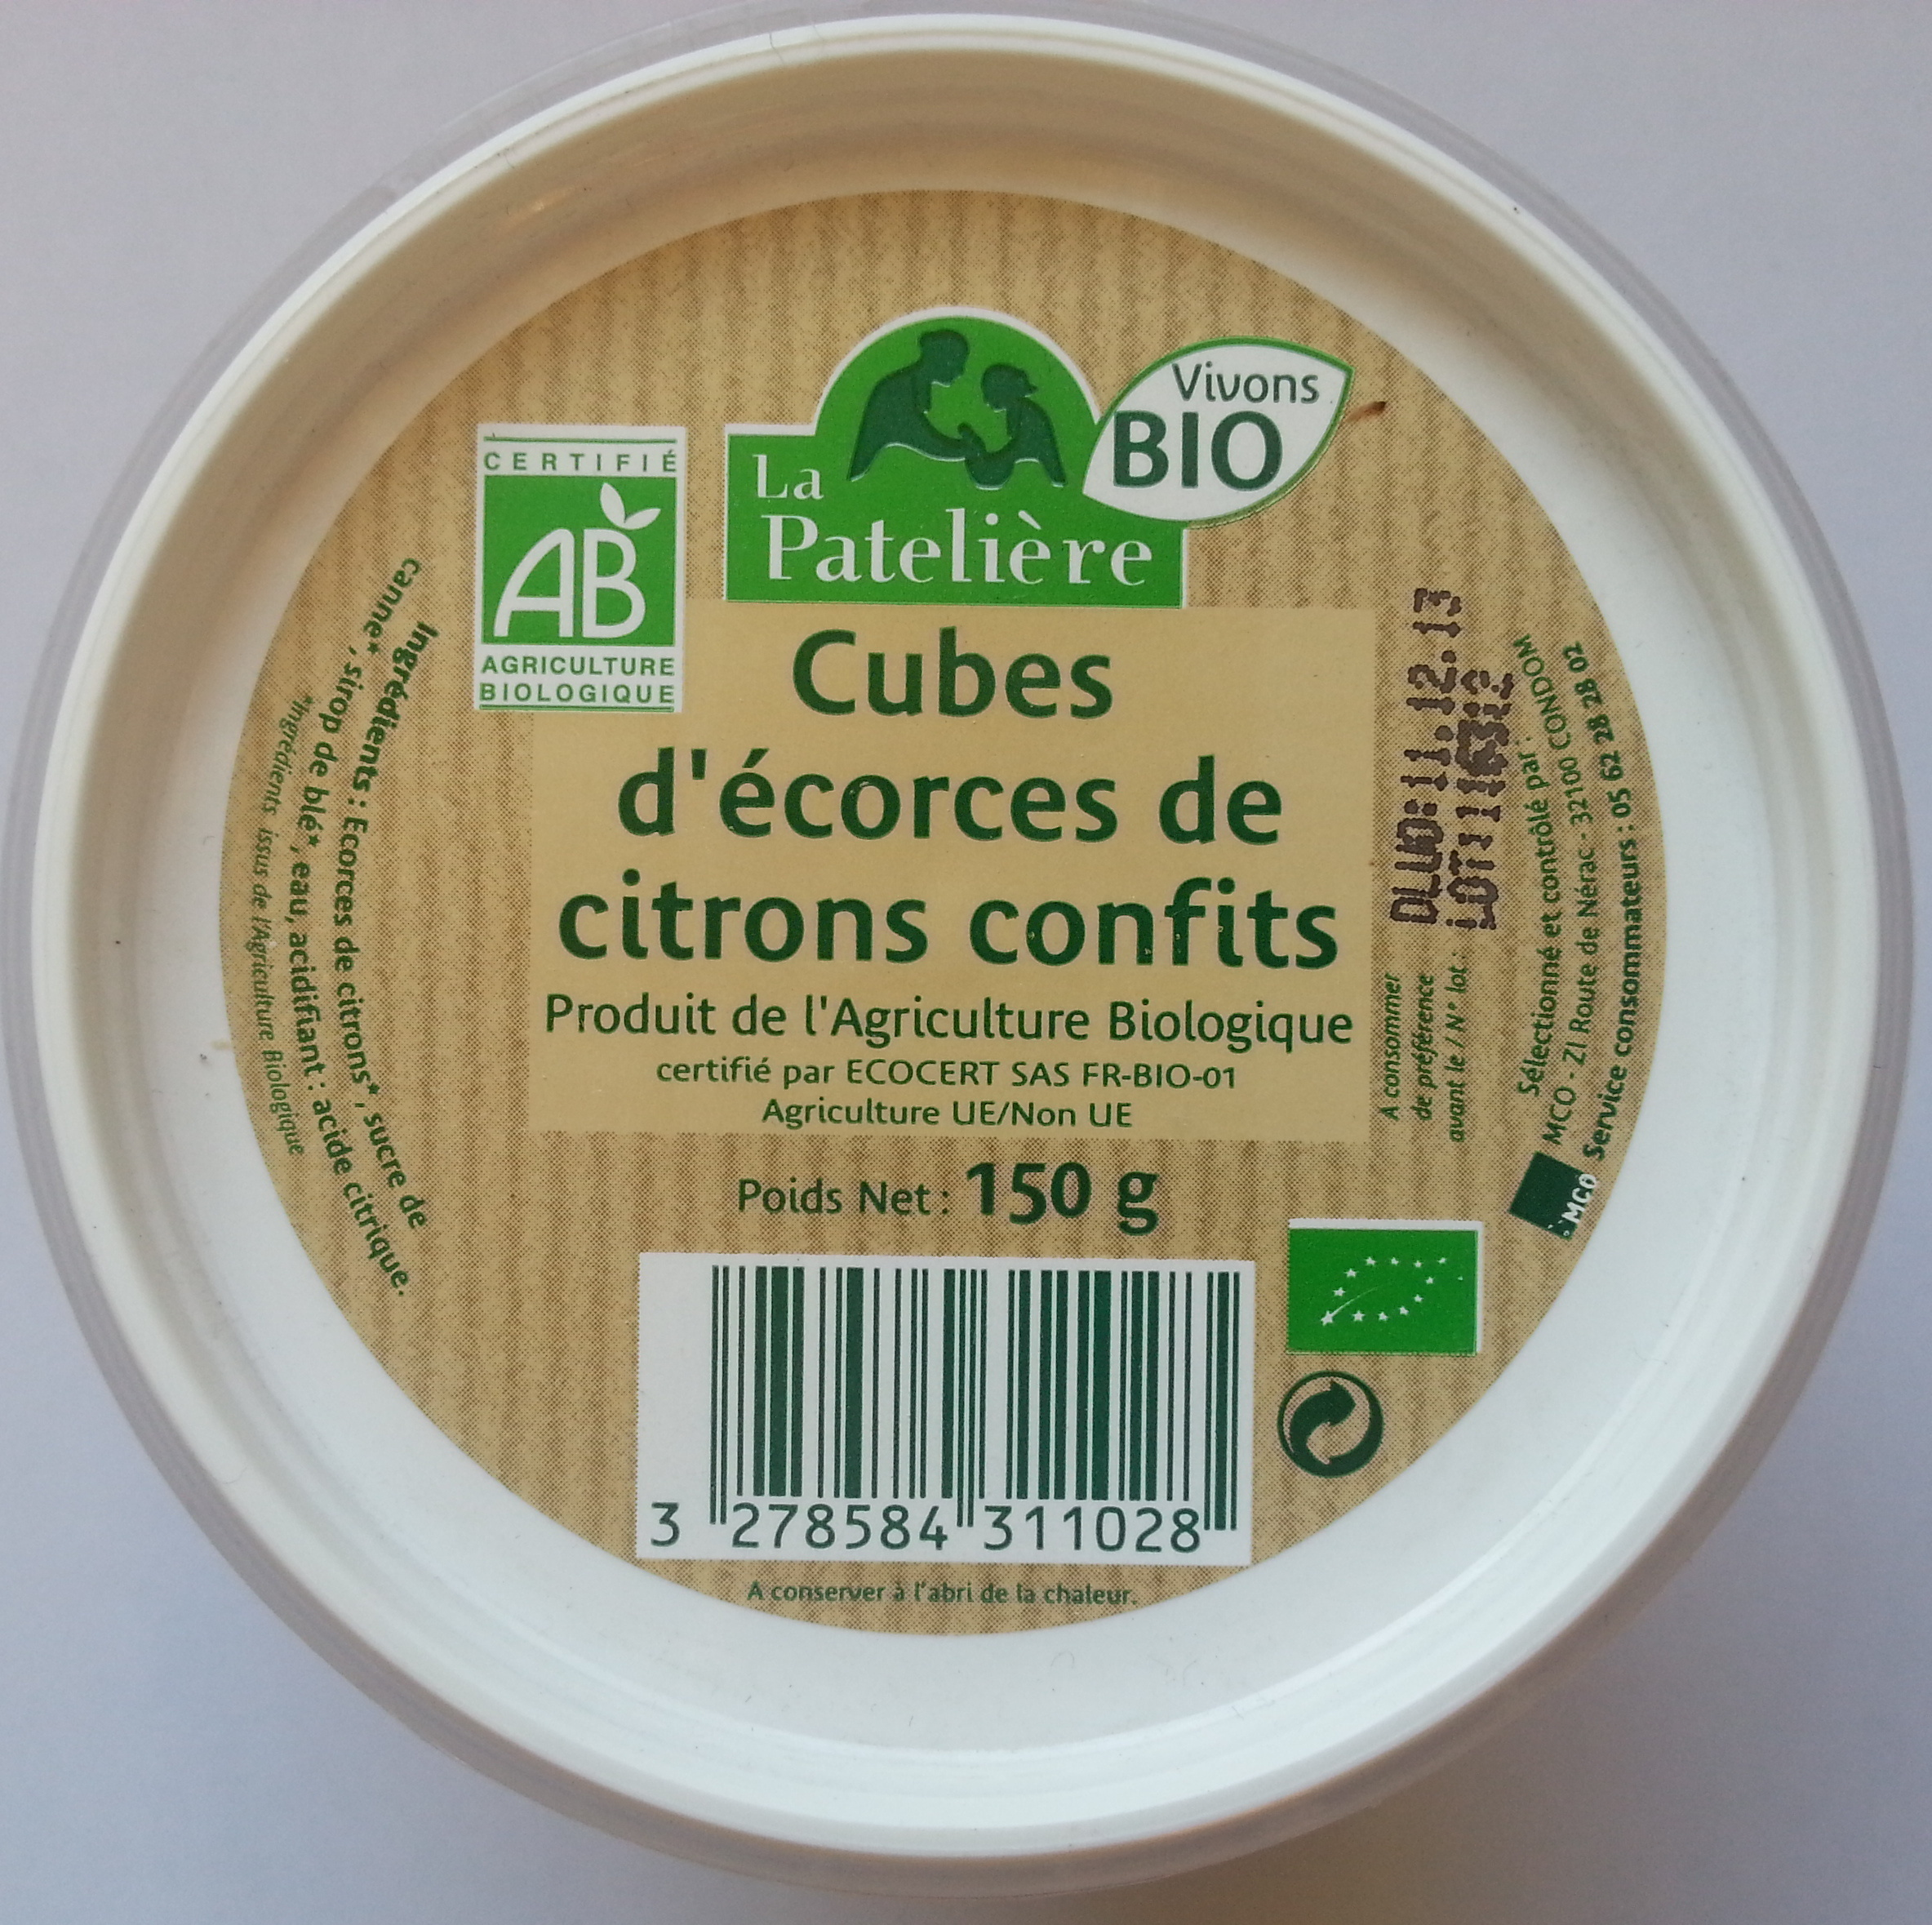 Cube d'écorces de citrons confits - Produit